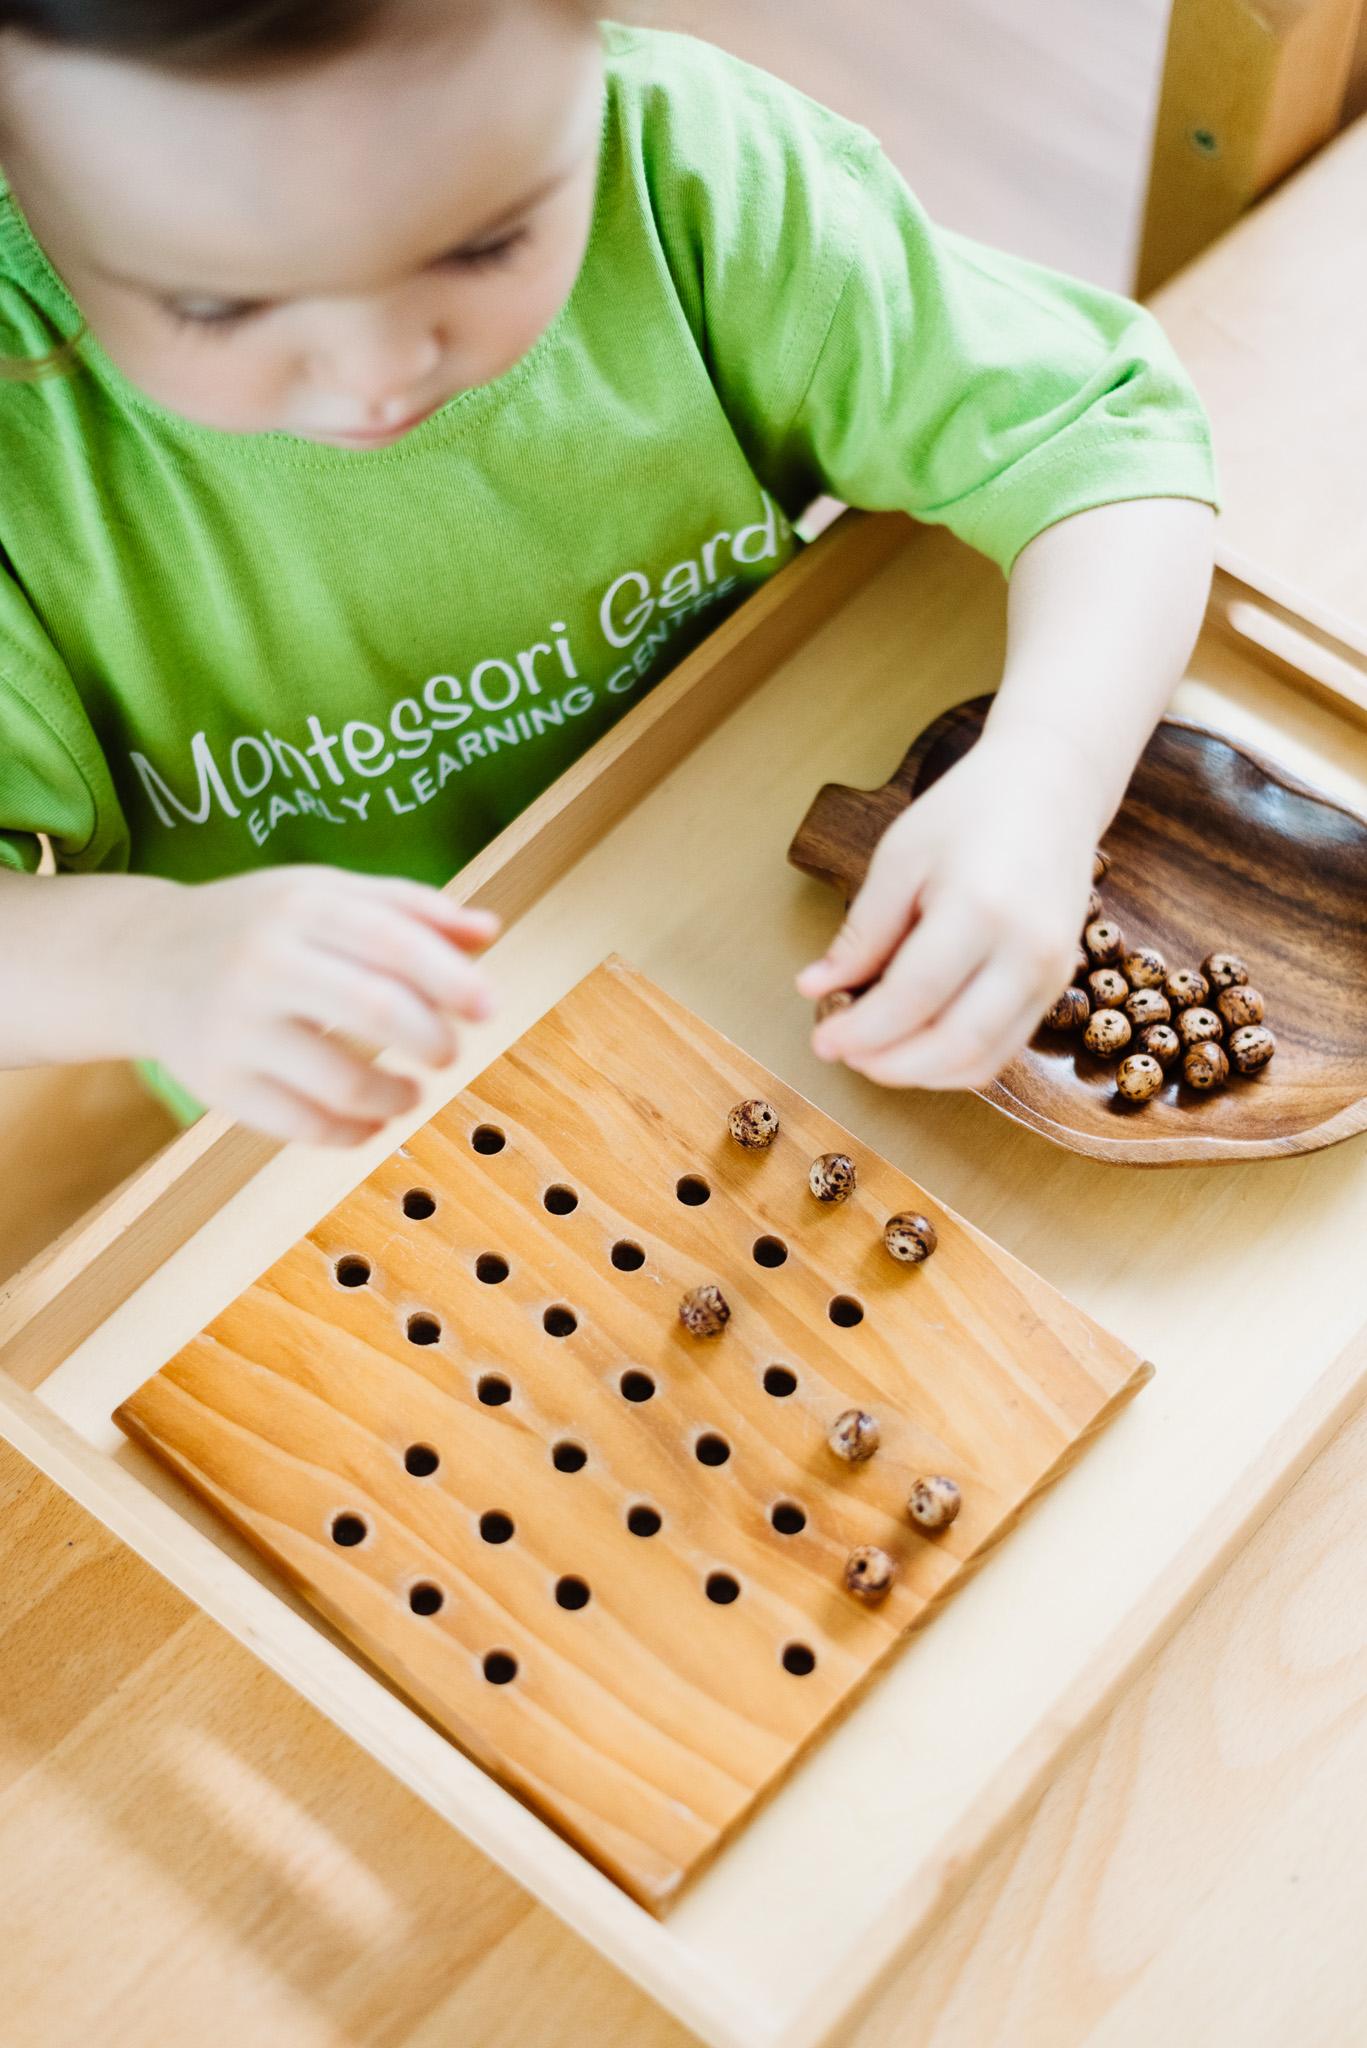 MontessoriGarden_YMoosa-17.jpg